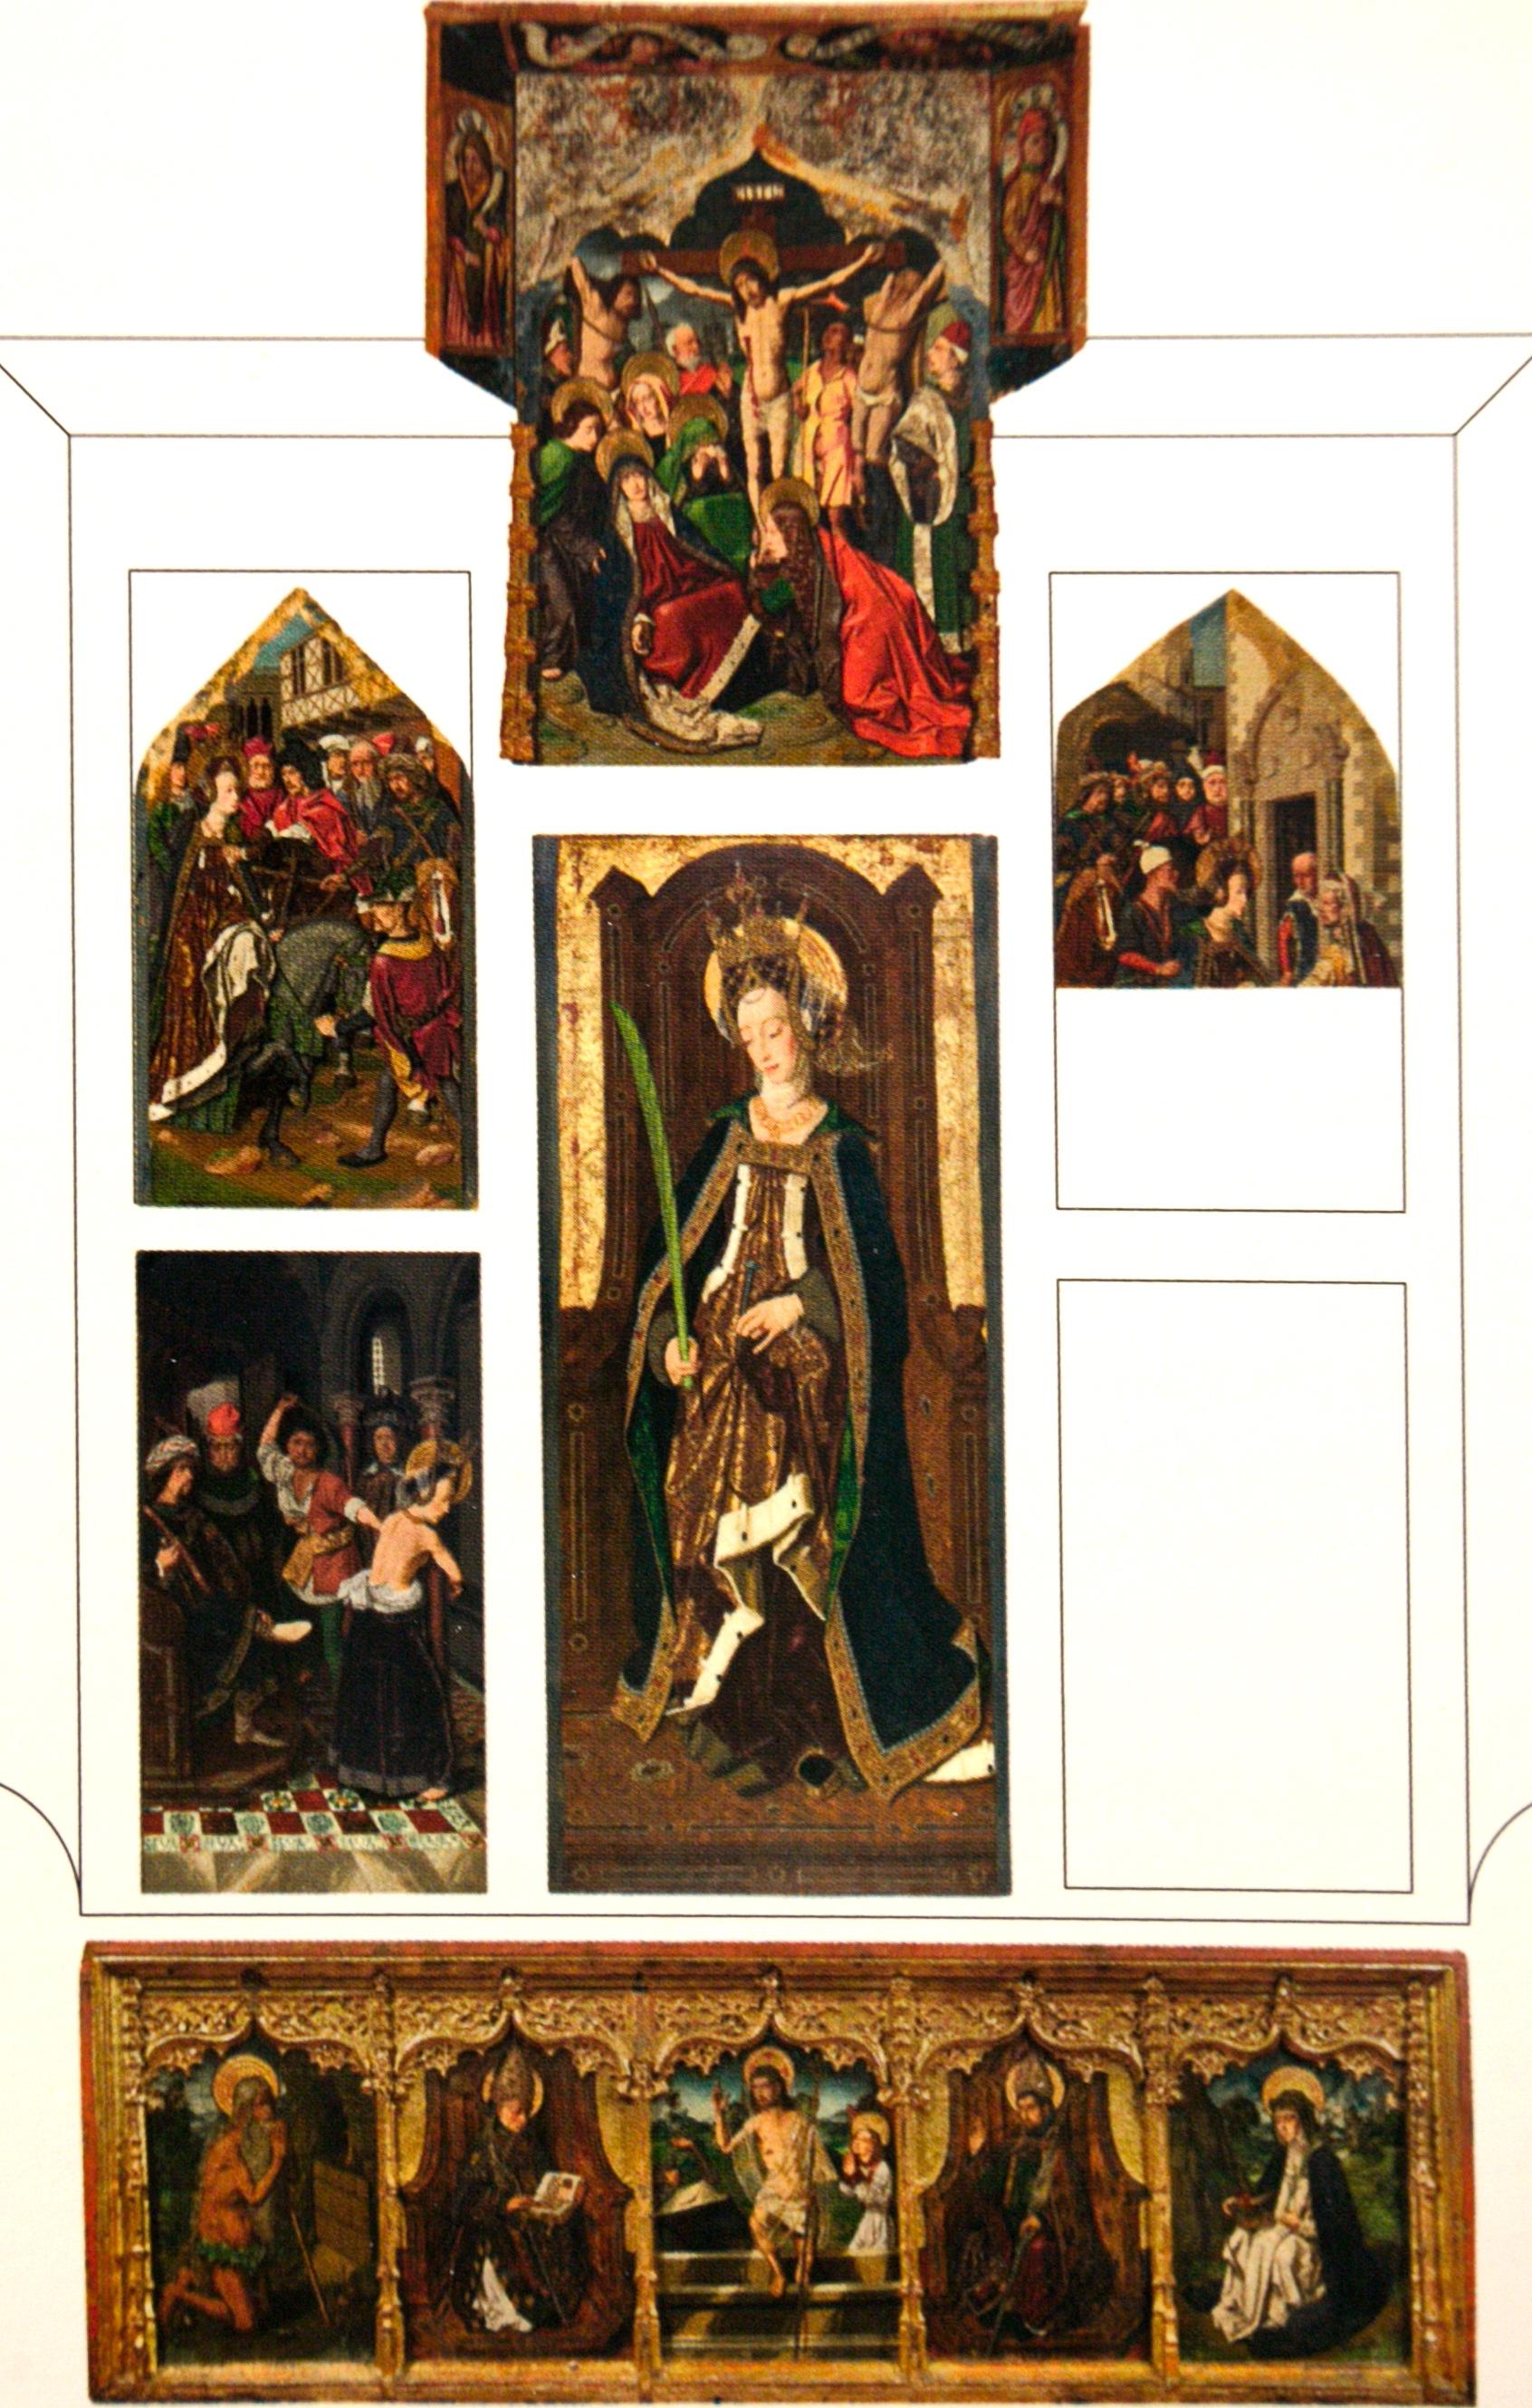 Retábulo de Santa Engrácia, da Igreja de São Pedro de Daroca, Saragoça, Espanha. Este retábulo, da autoria de Bartolomé Bermejo (cerca de 1472-1474) foi desmembrado e espalhado pelos quatro cantos do mundo.